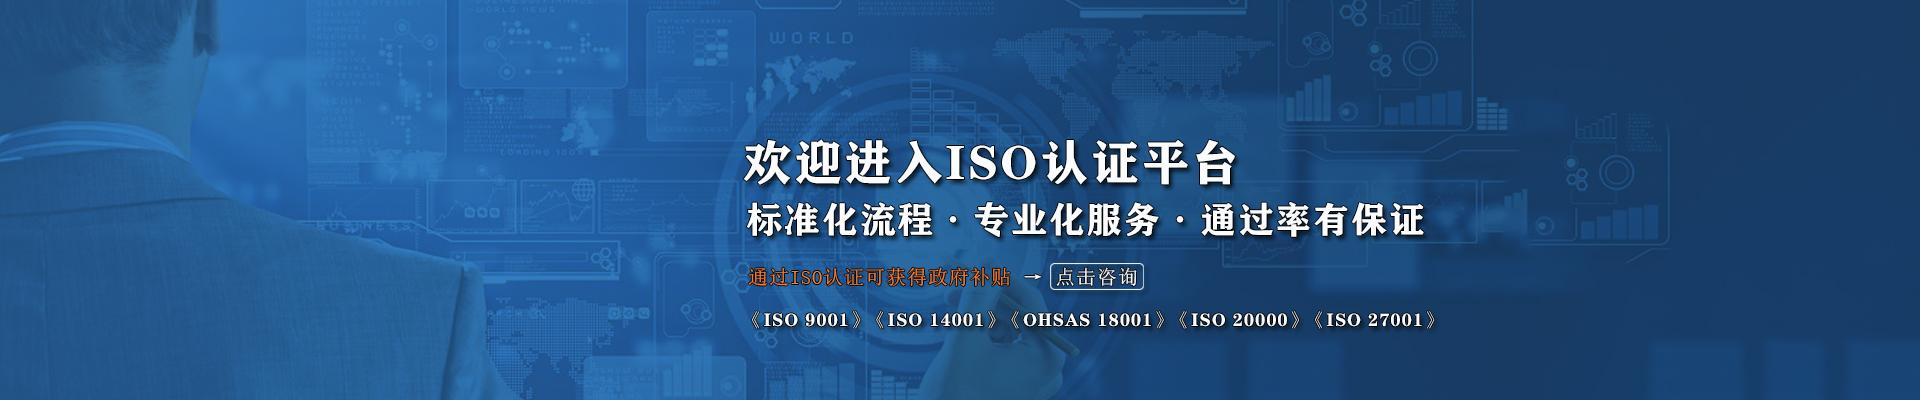 ISO 9001认证咨询